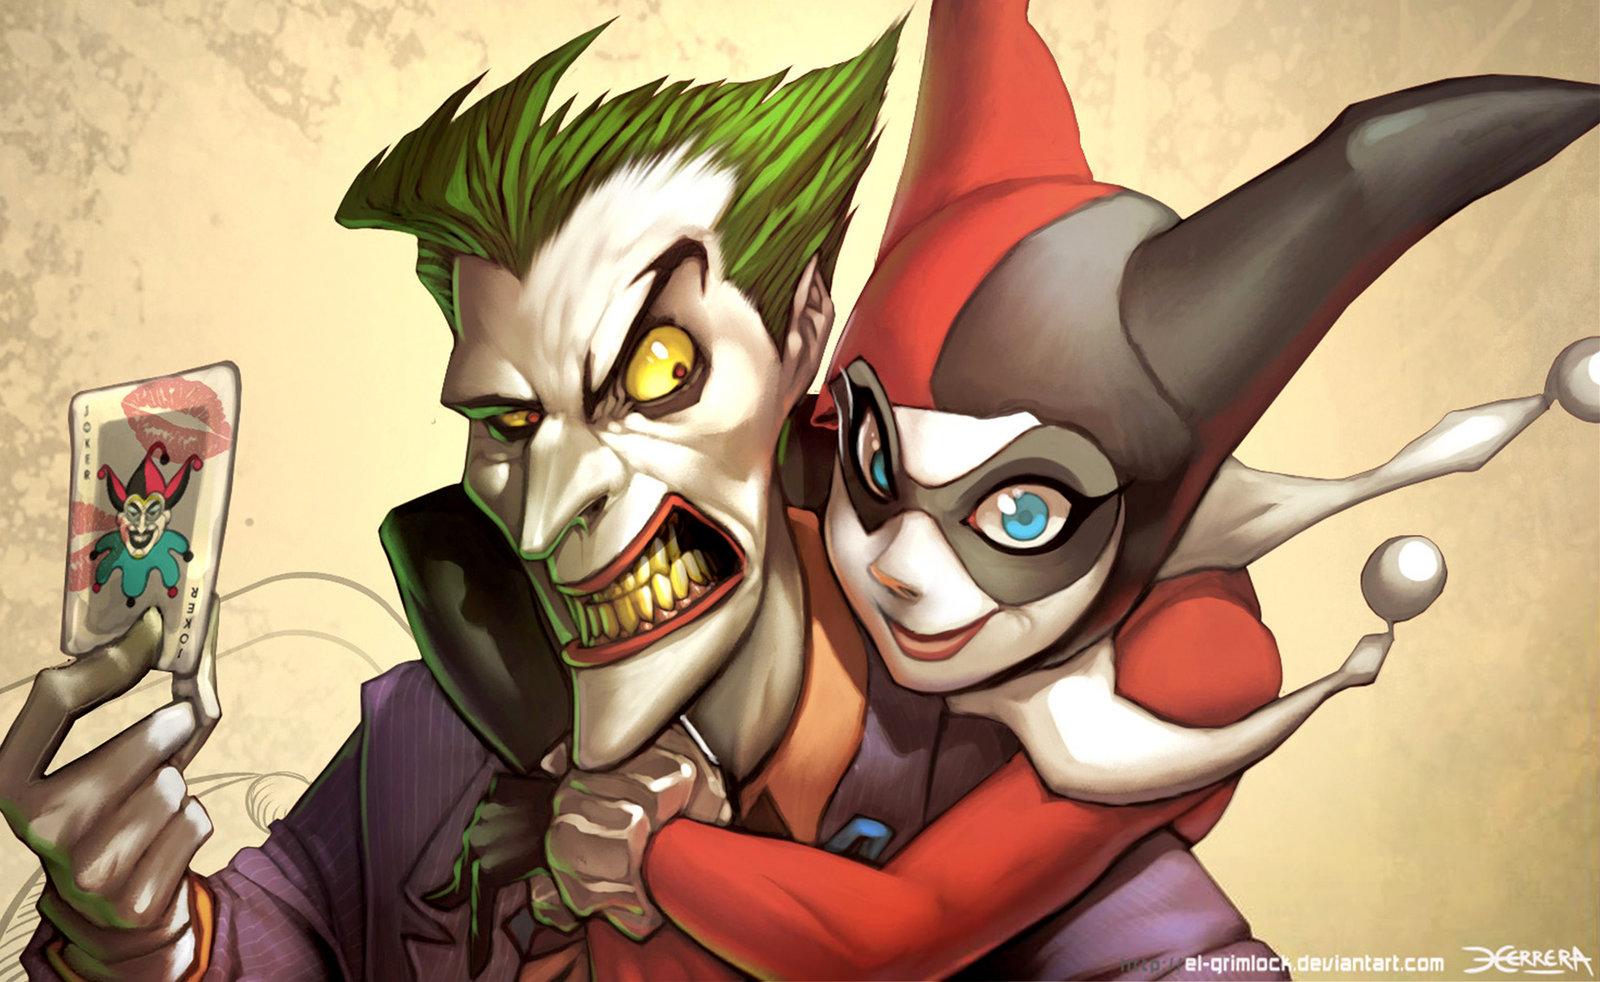 Joker Harley Quinn Wallpaper - WallpaperSafari